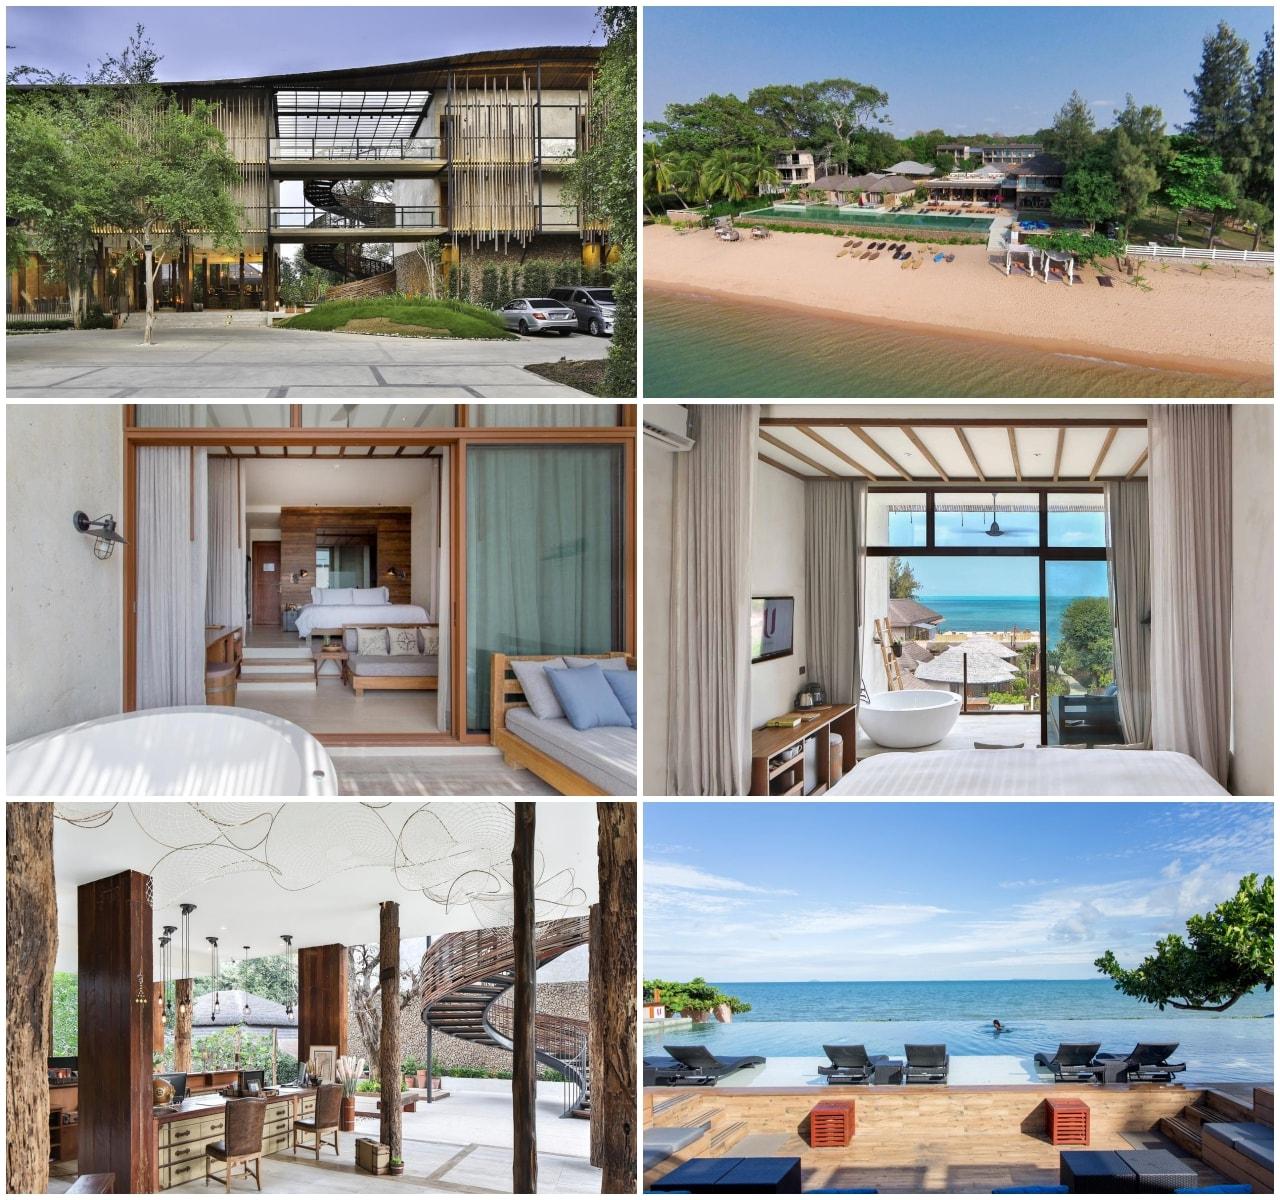 รีวิว!! 15 ที่พักพัทยาติดทะเล มีชายหาดส่วนตัว ราคาเริ่มต้นแค่ 990 บาท/คืน